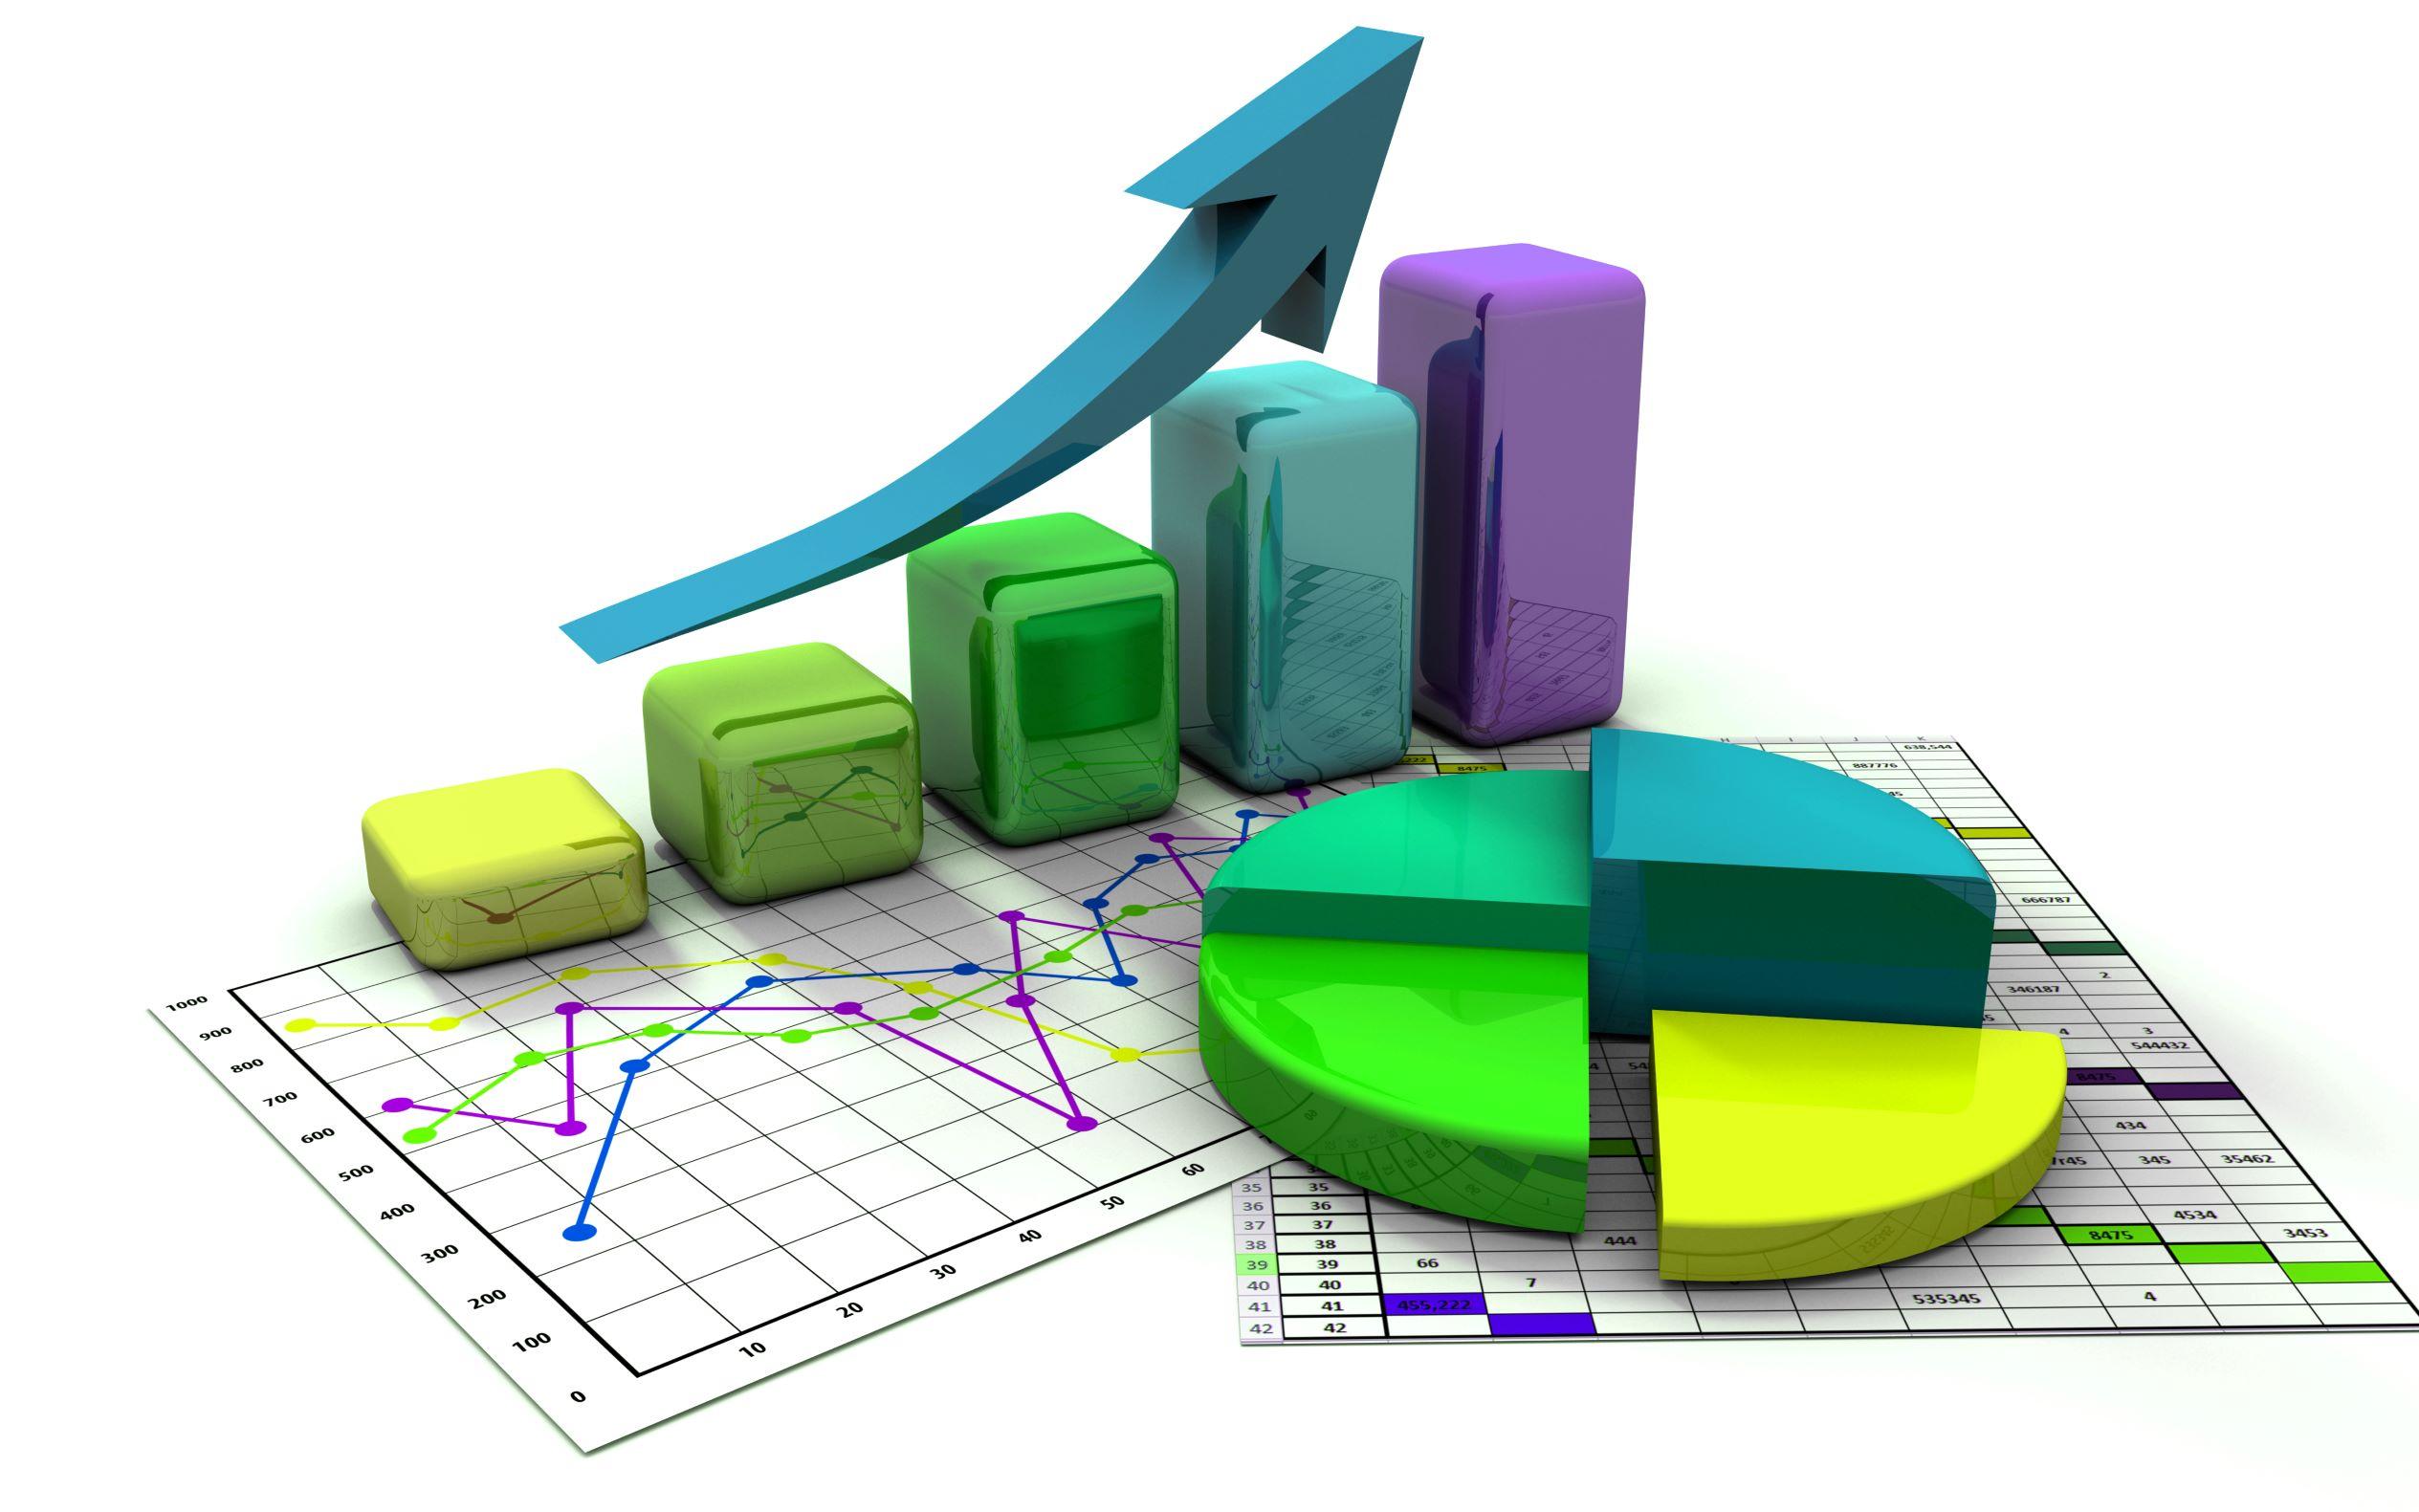 Анонс № 1 (53) 2020 г. журнала «Management», Марина Вишнякова, система KPI, проблемы внедрения KPI, ошибки KPI, эффективная система KPI